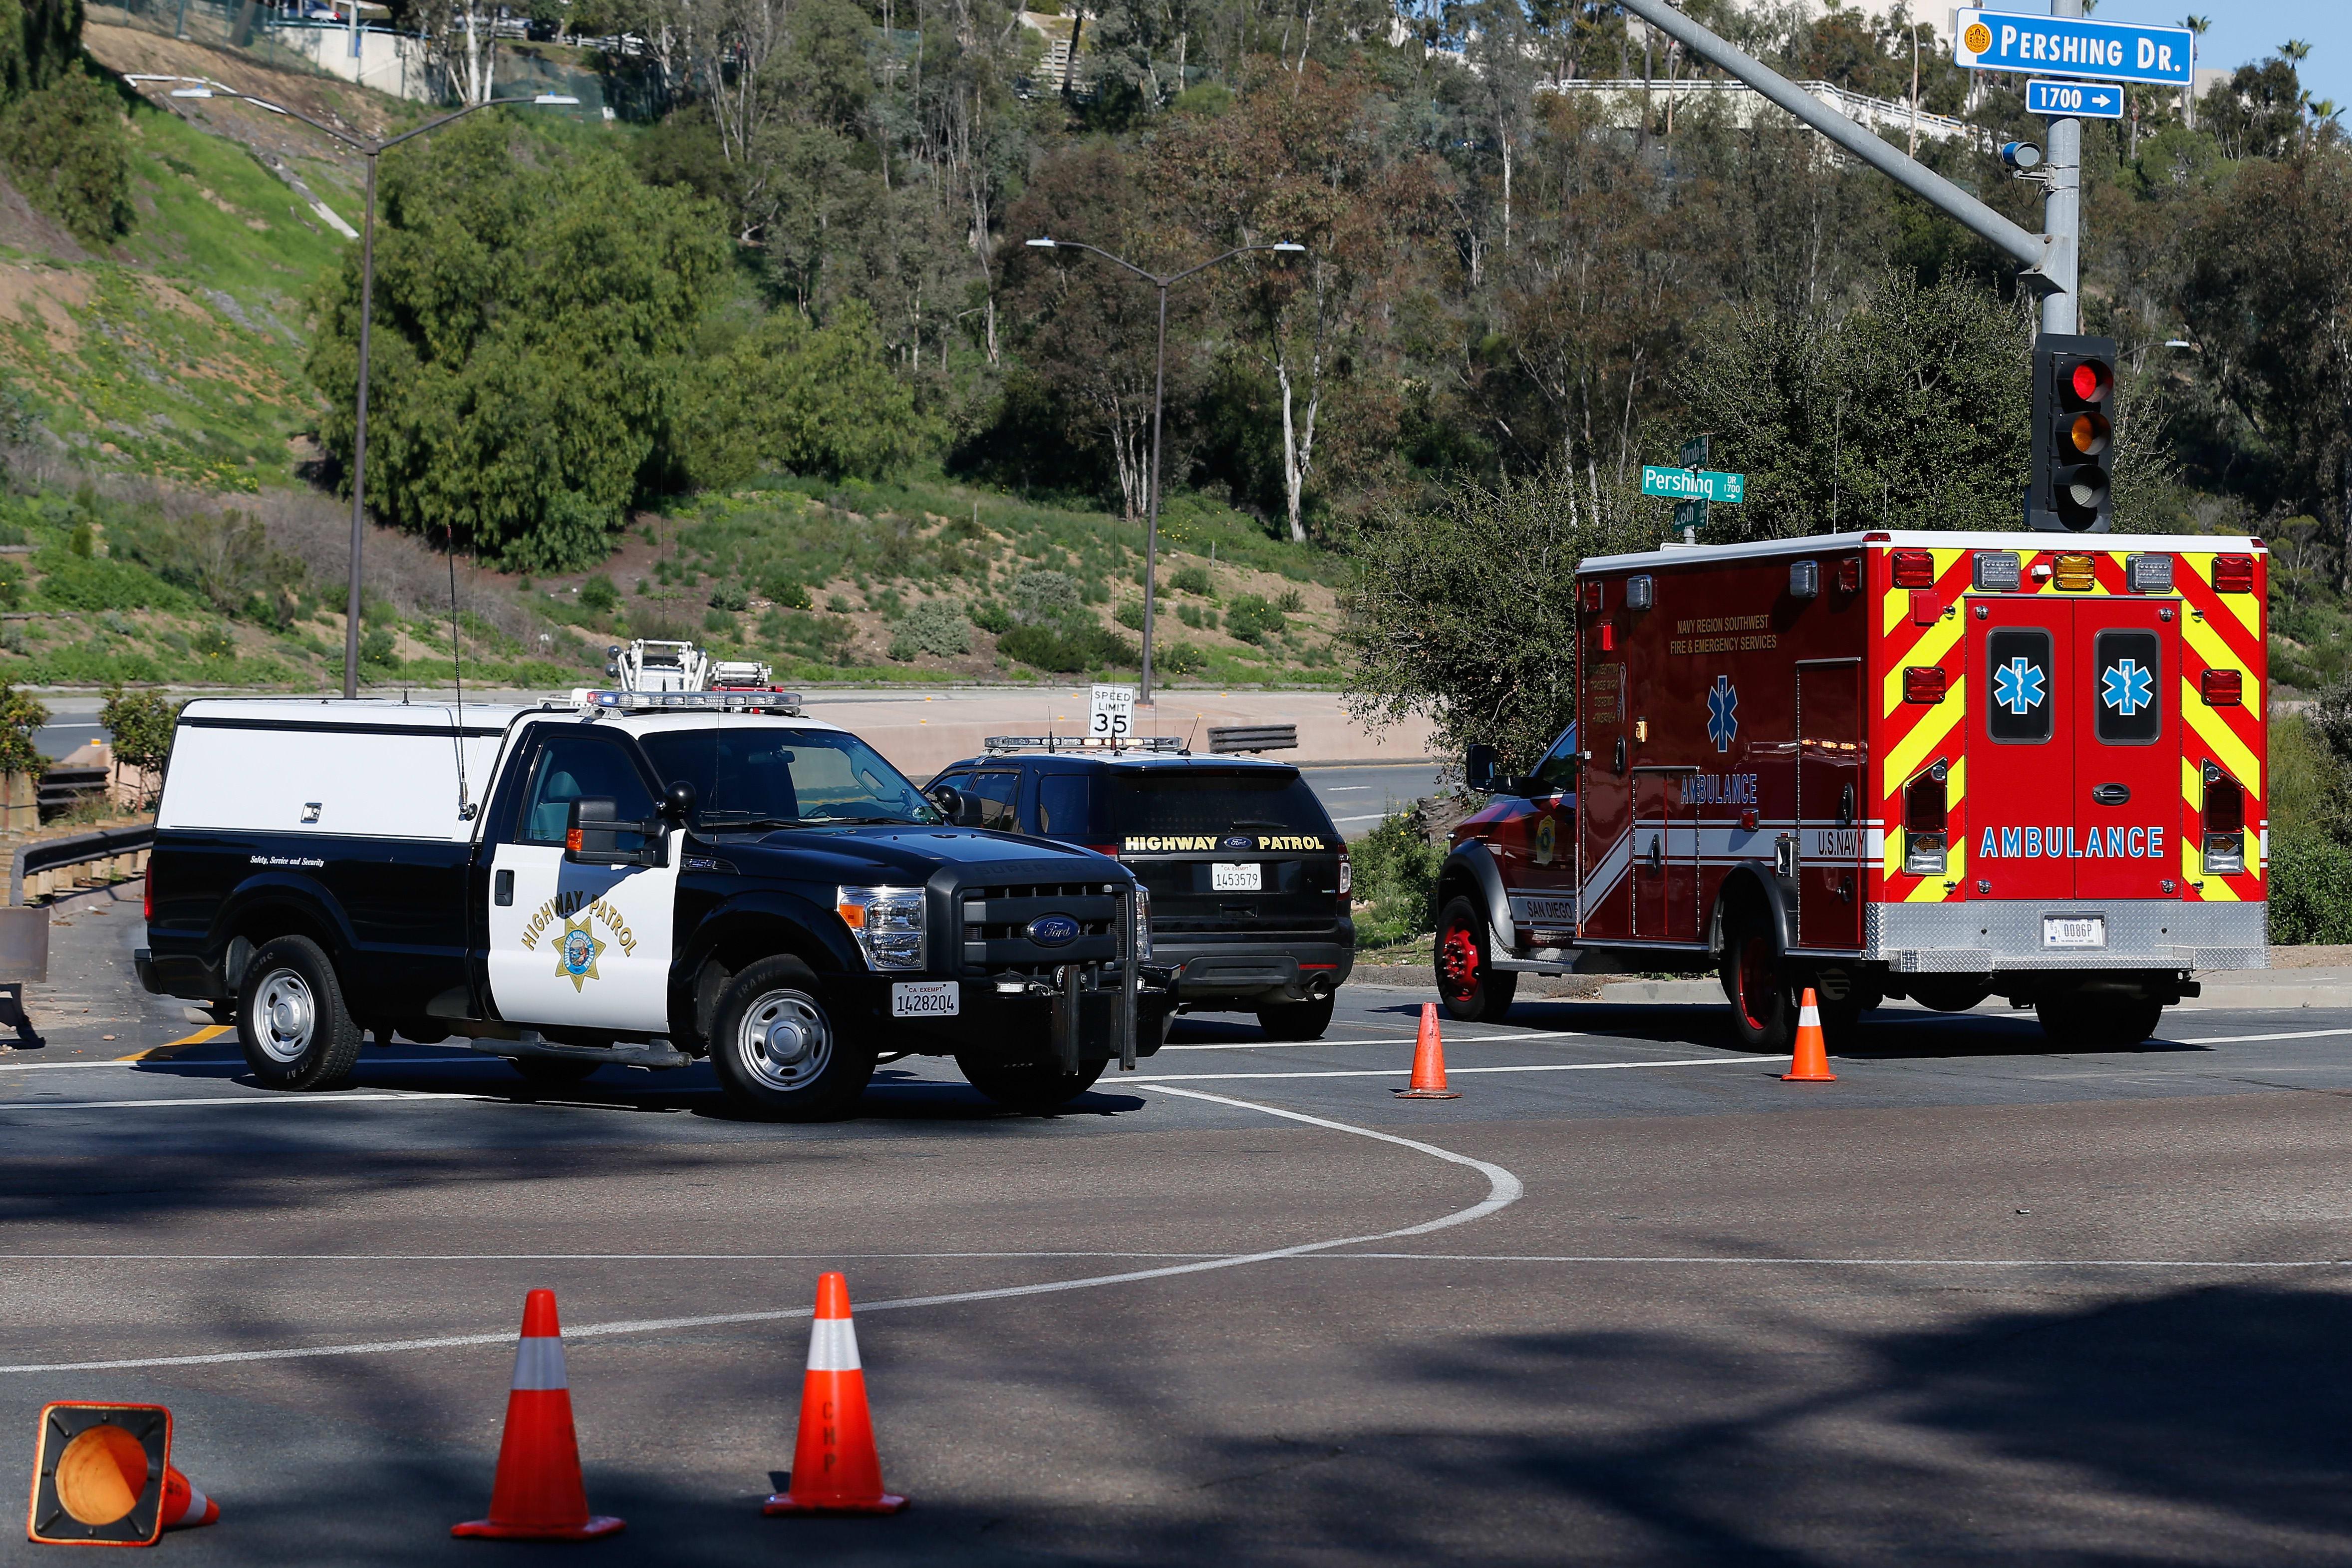 Tiroteo en San Diego: Hombre asesinó a su familia hispana porque le pidieron el divorcio